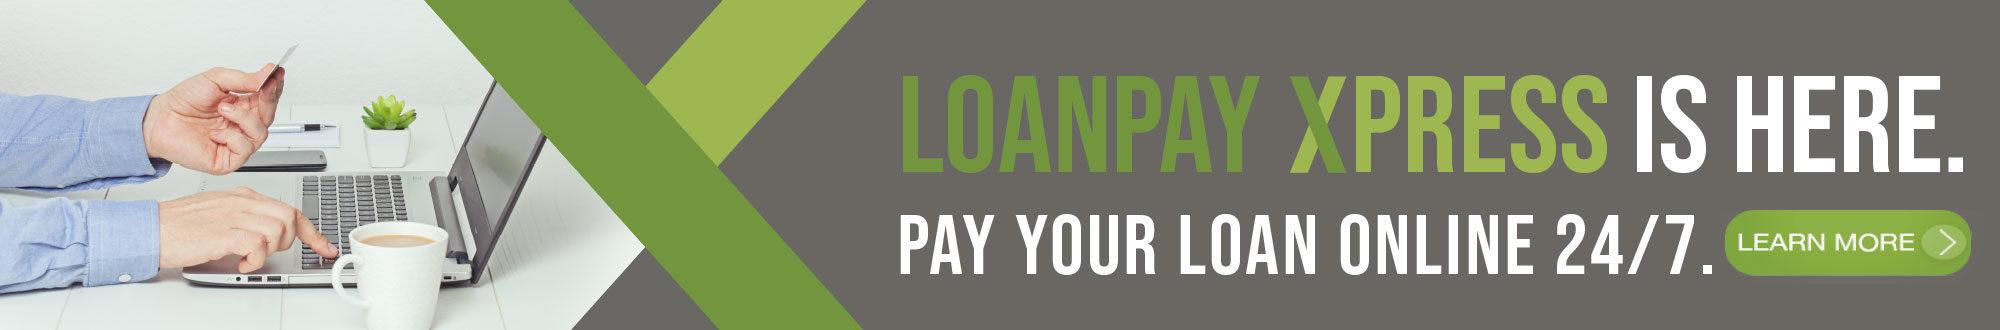 LoanPay Xpress